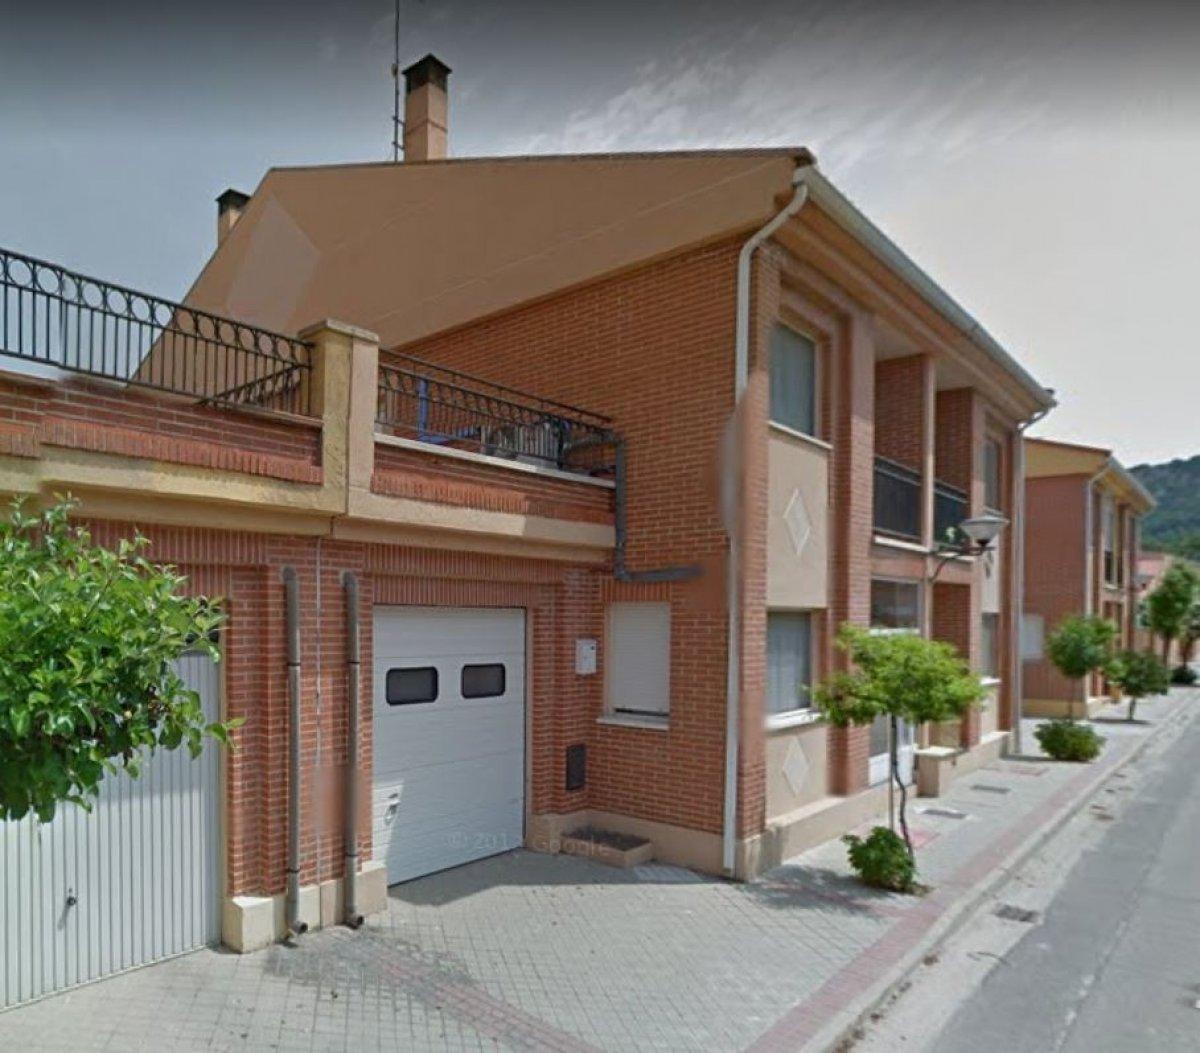 apartamento, valladolid, 215 mq, 180,000, venta - valladolid, valladolid es.ilovehome.eu